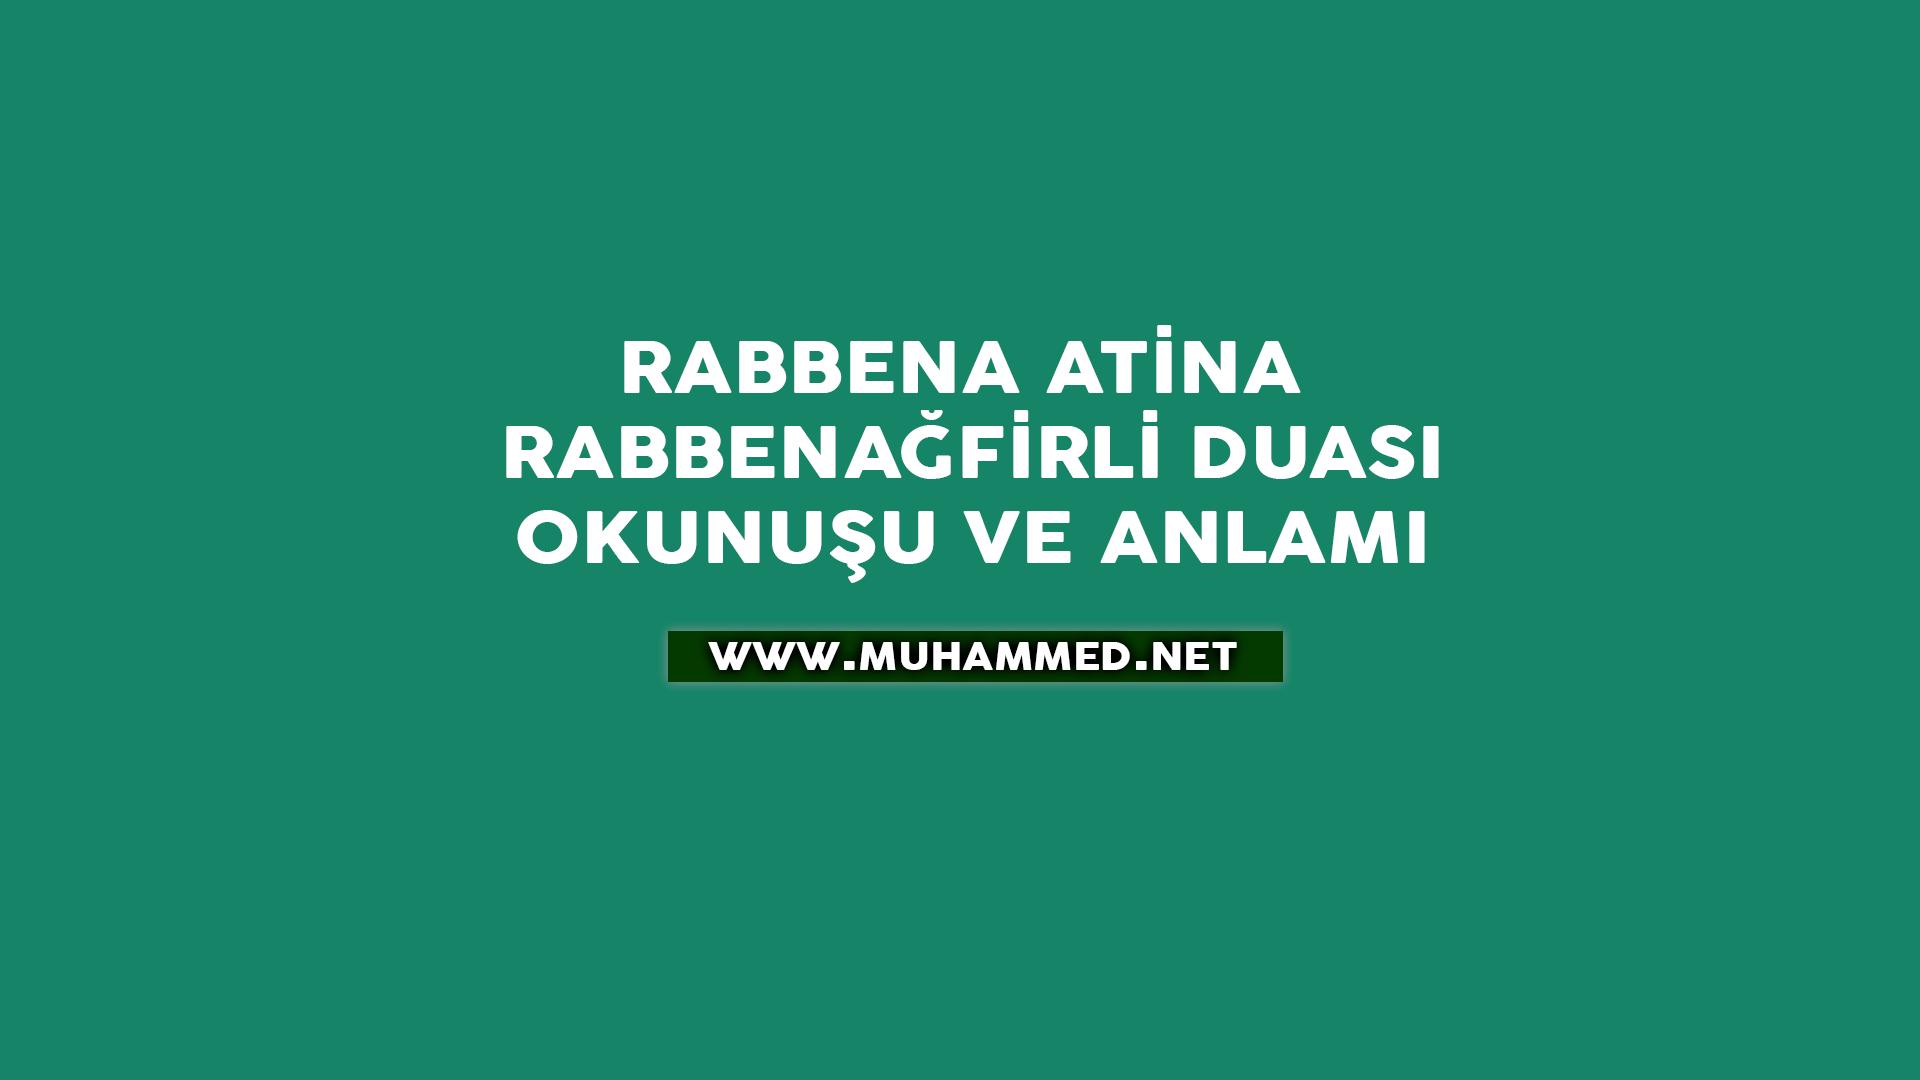 Rabbena Atina, Rabbenağfirli Okunuşu ve Anlamı